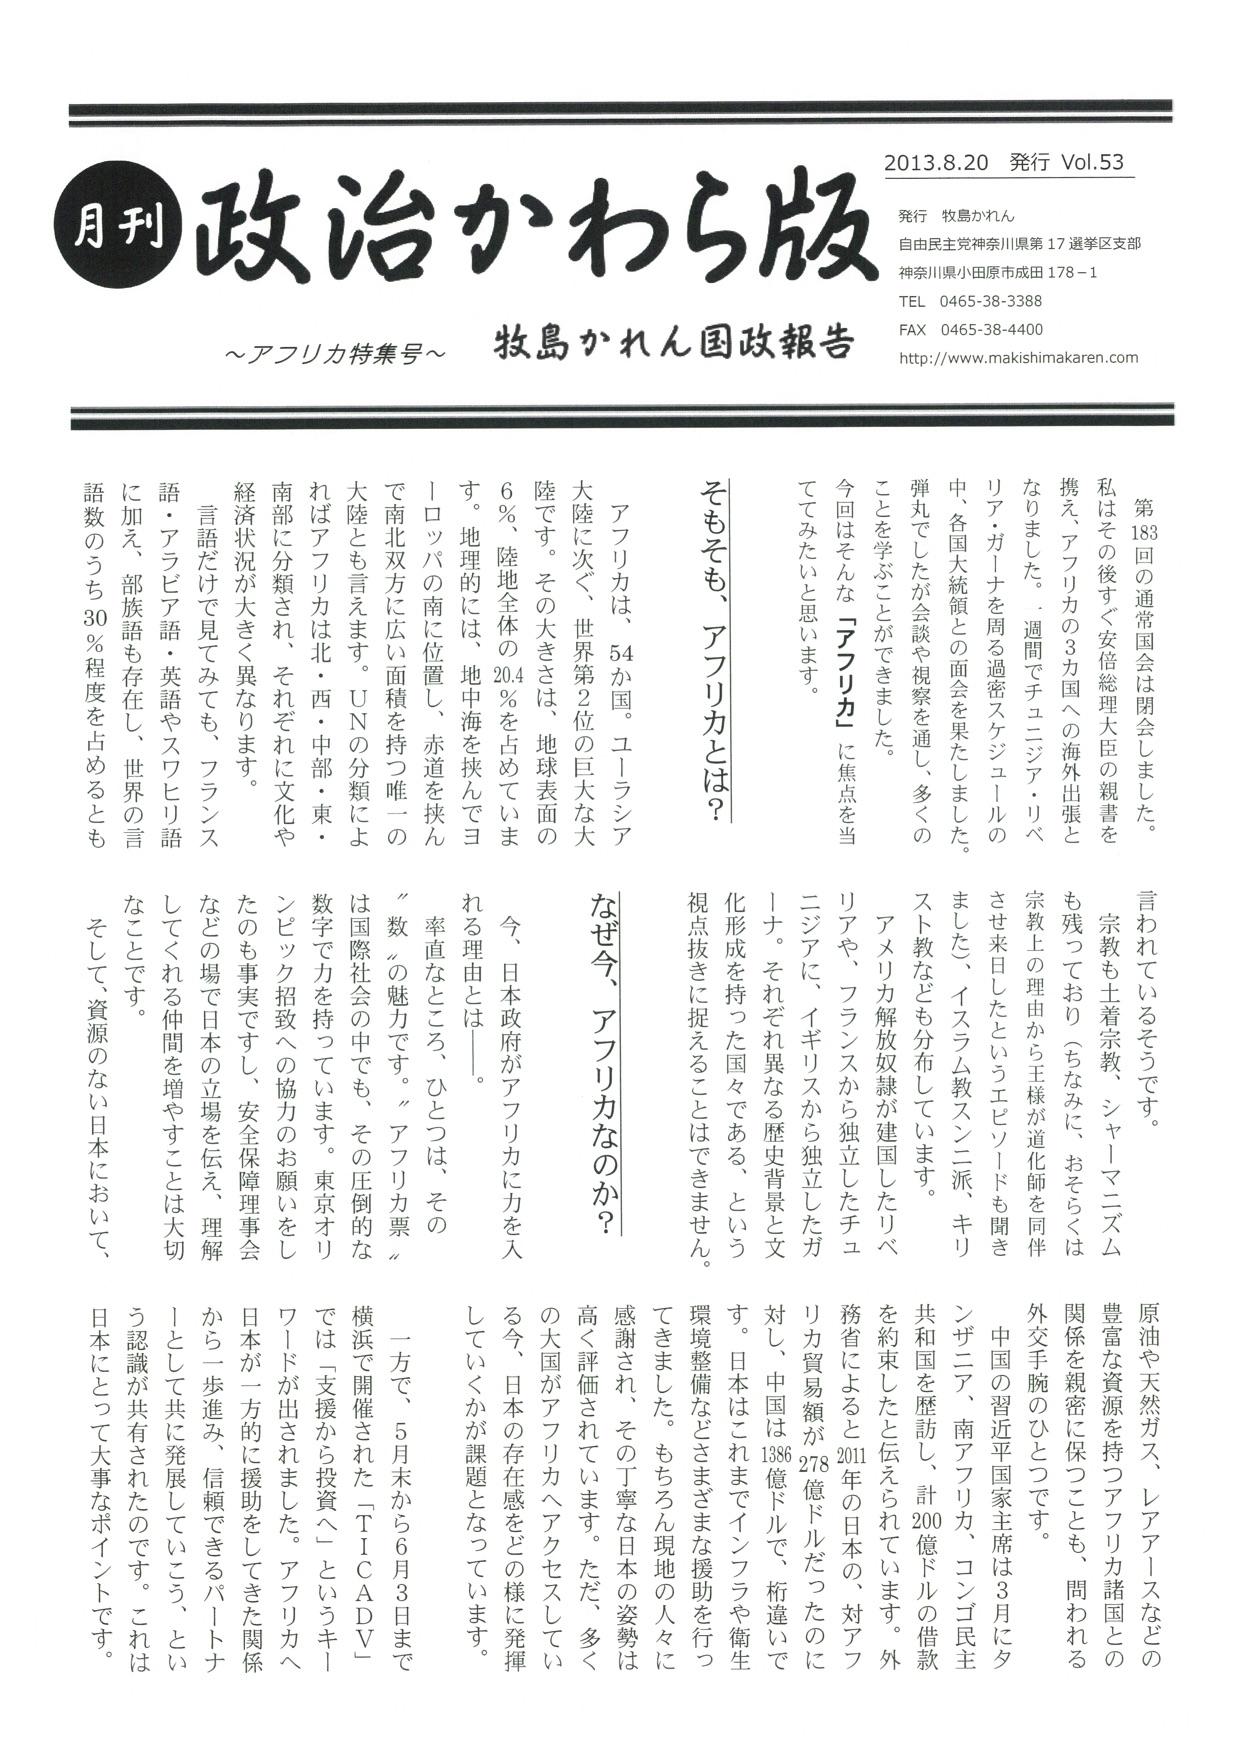 牧島かれん 政治かわら版8月号 Vol.53